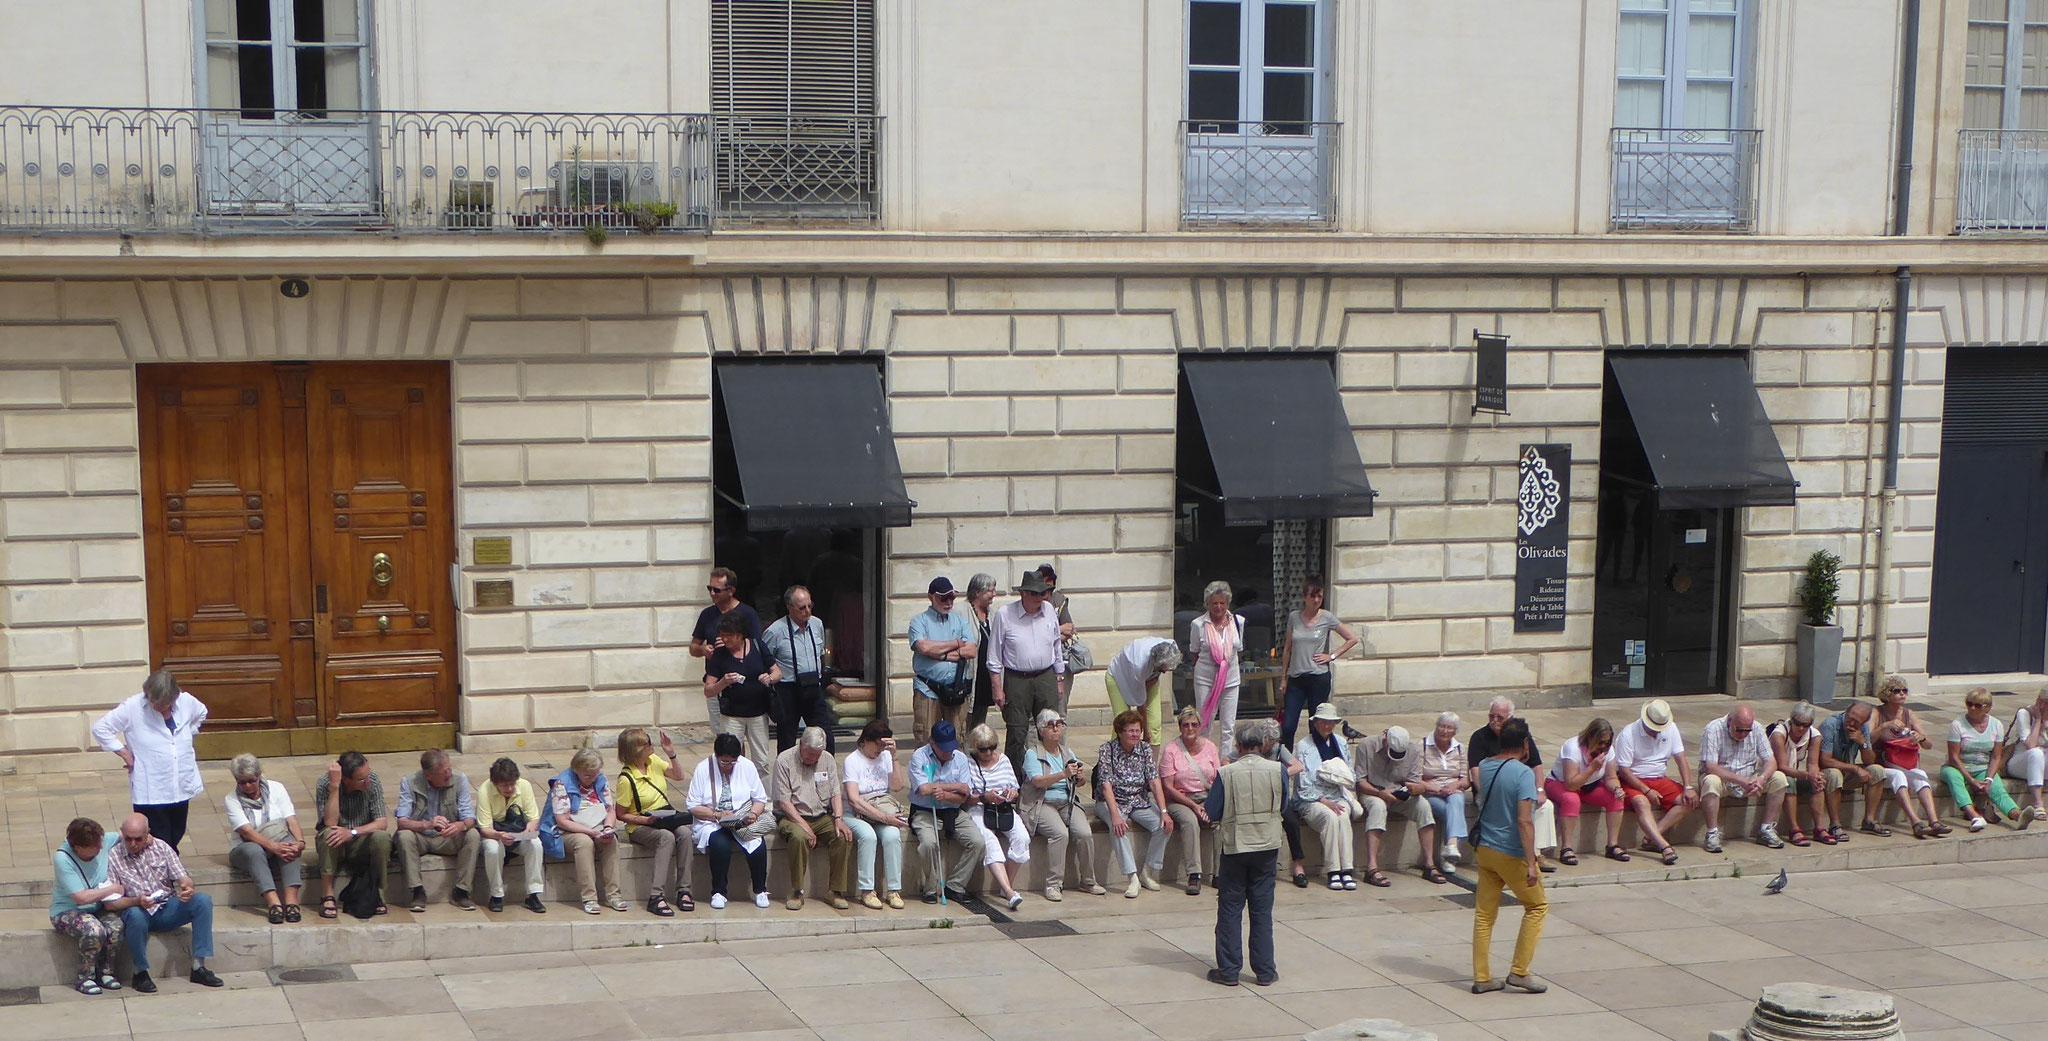 """Etwas müde beim """"Maison Carree"""" in Nimes"""